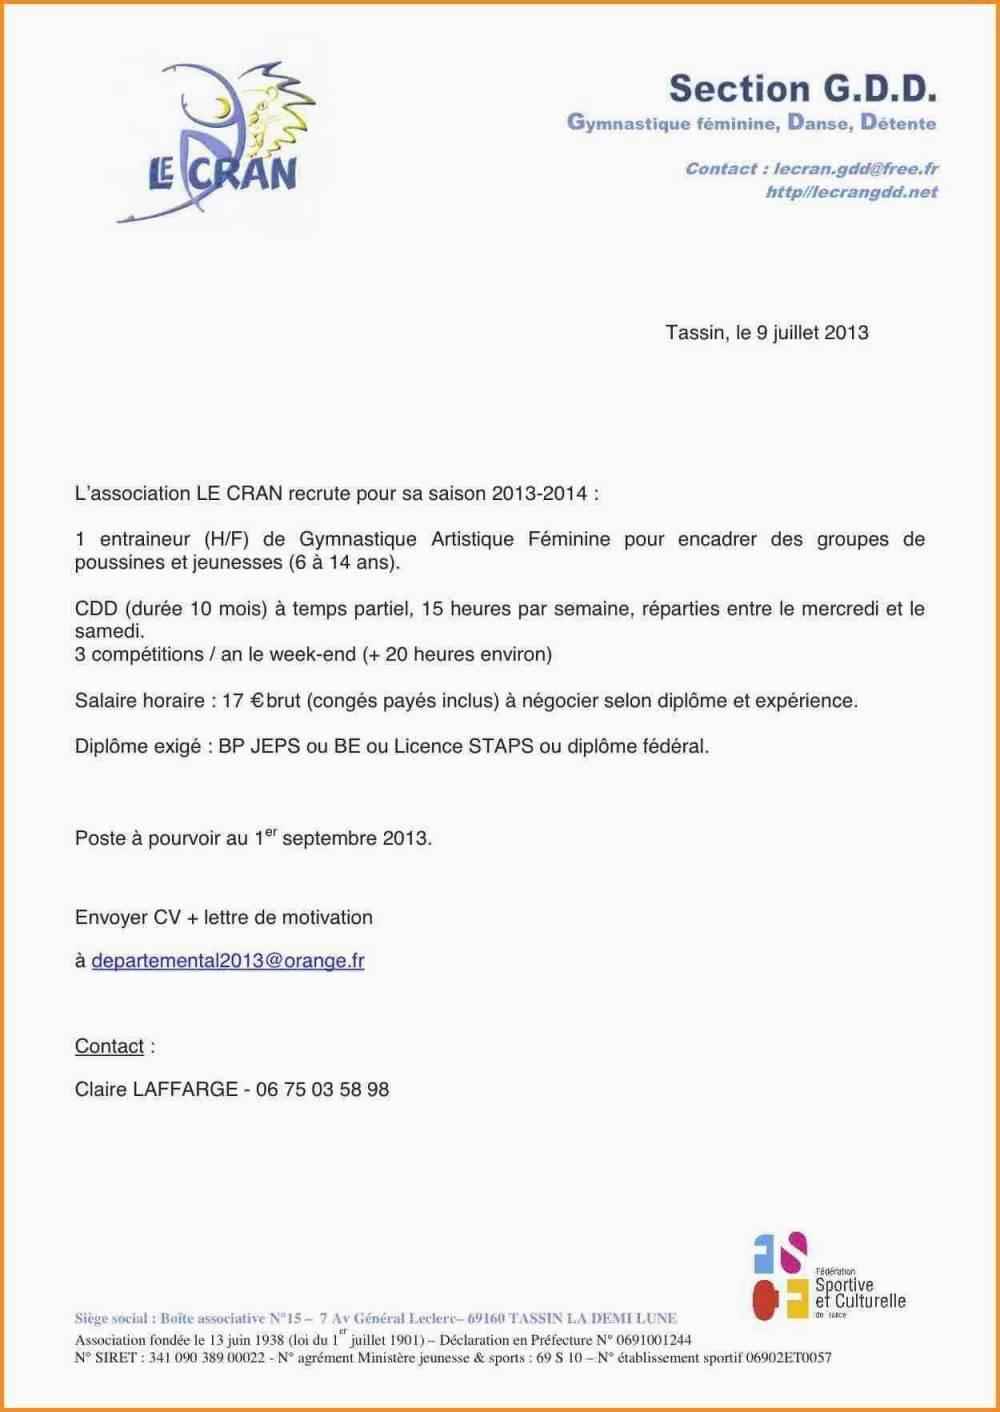 lettre de motivation licence staps entrainement sportif